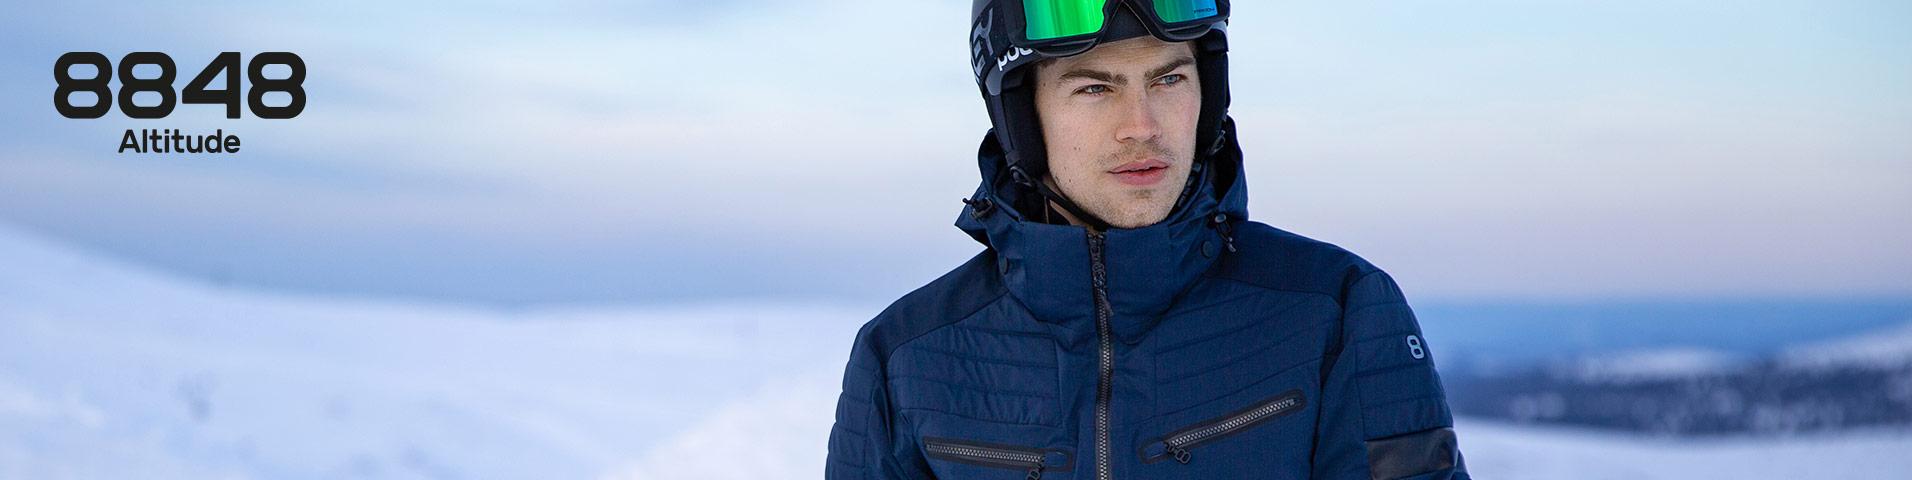 8848 altitude castor rot herren ski jacke